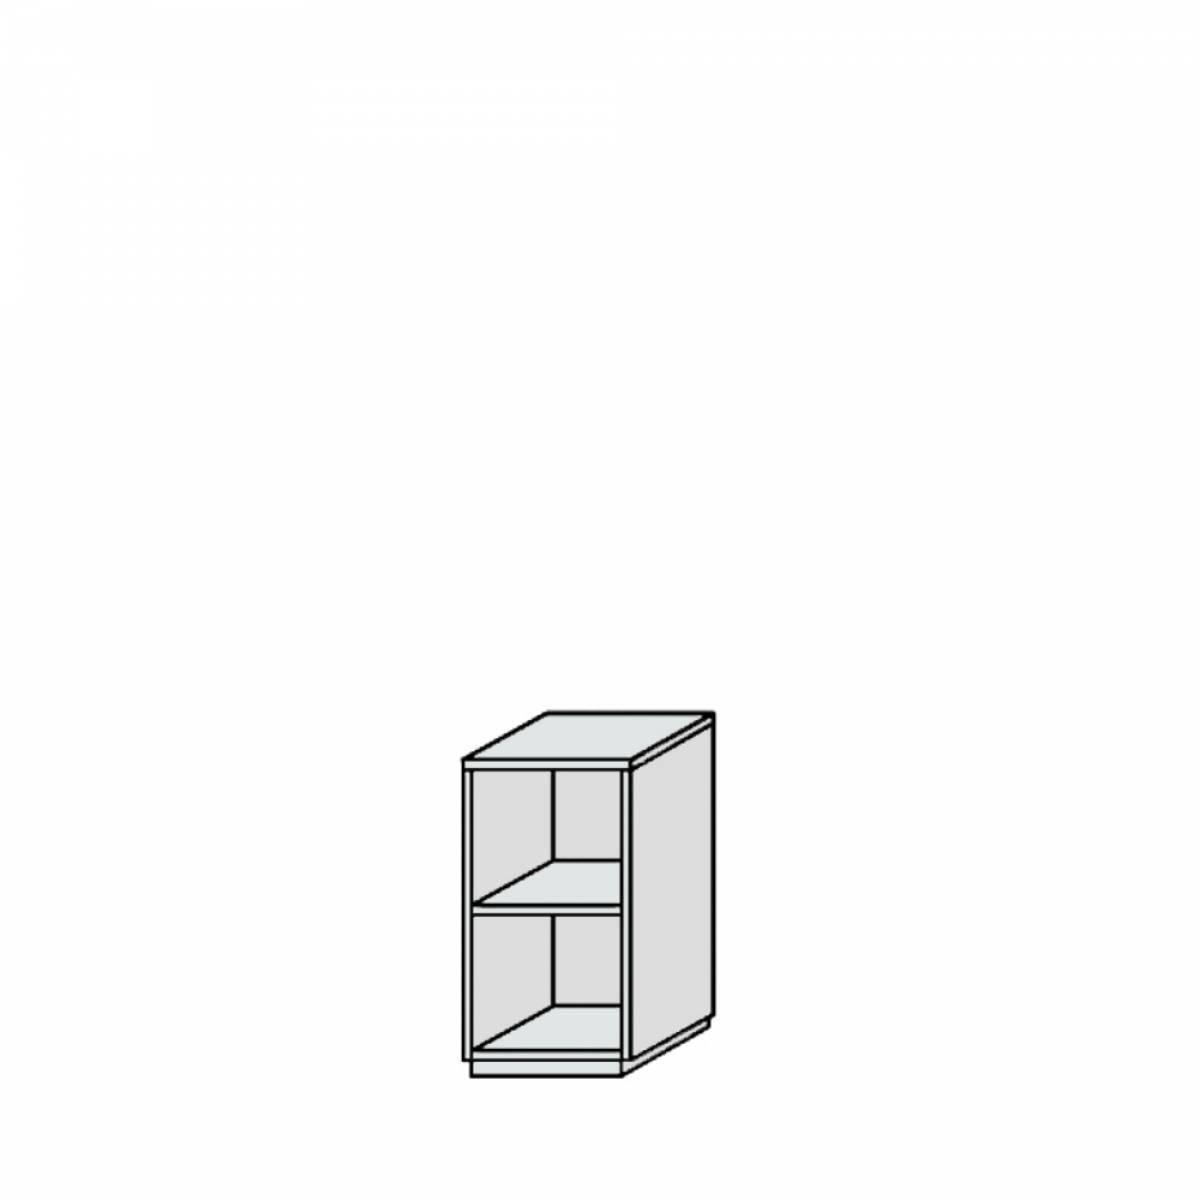 Full Size of Regal Schmal 2 Oh Torino Brombel Mller Nach Maß Tisch Kombination Keller Kleiderschrank Graues Würfel Beistellregal Küche Kleines Mit Schubladen Weiß Holz Regal Regal Schmal